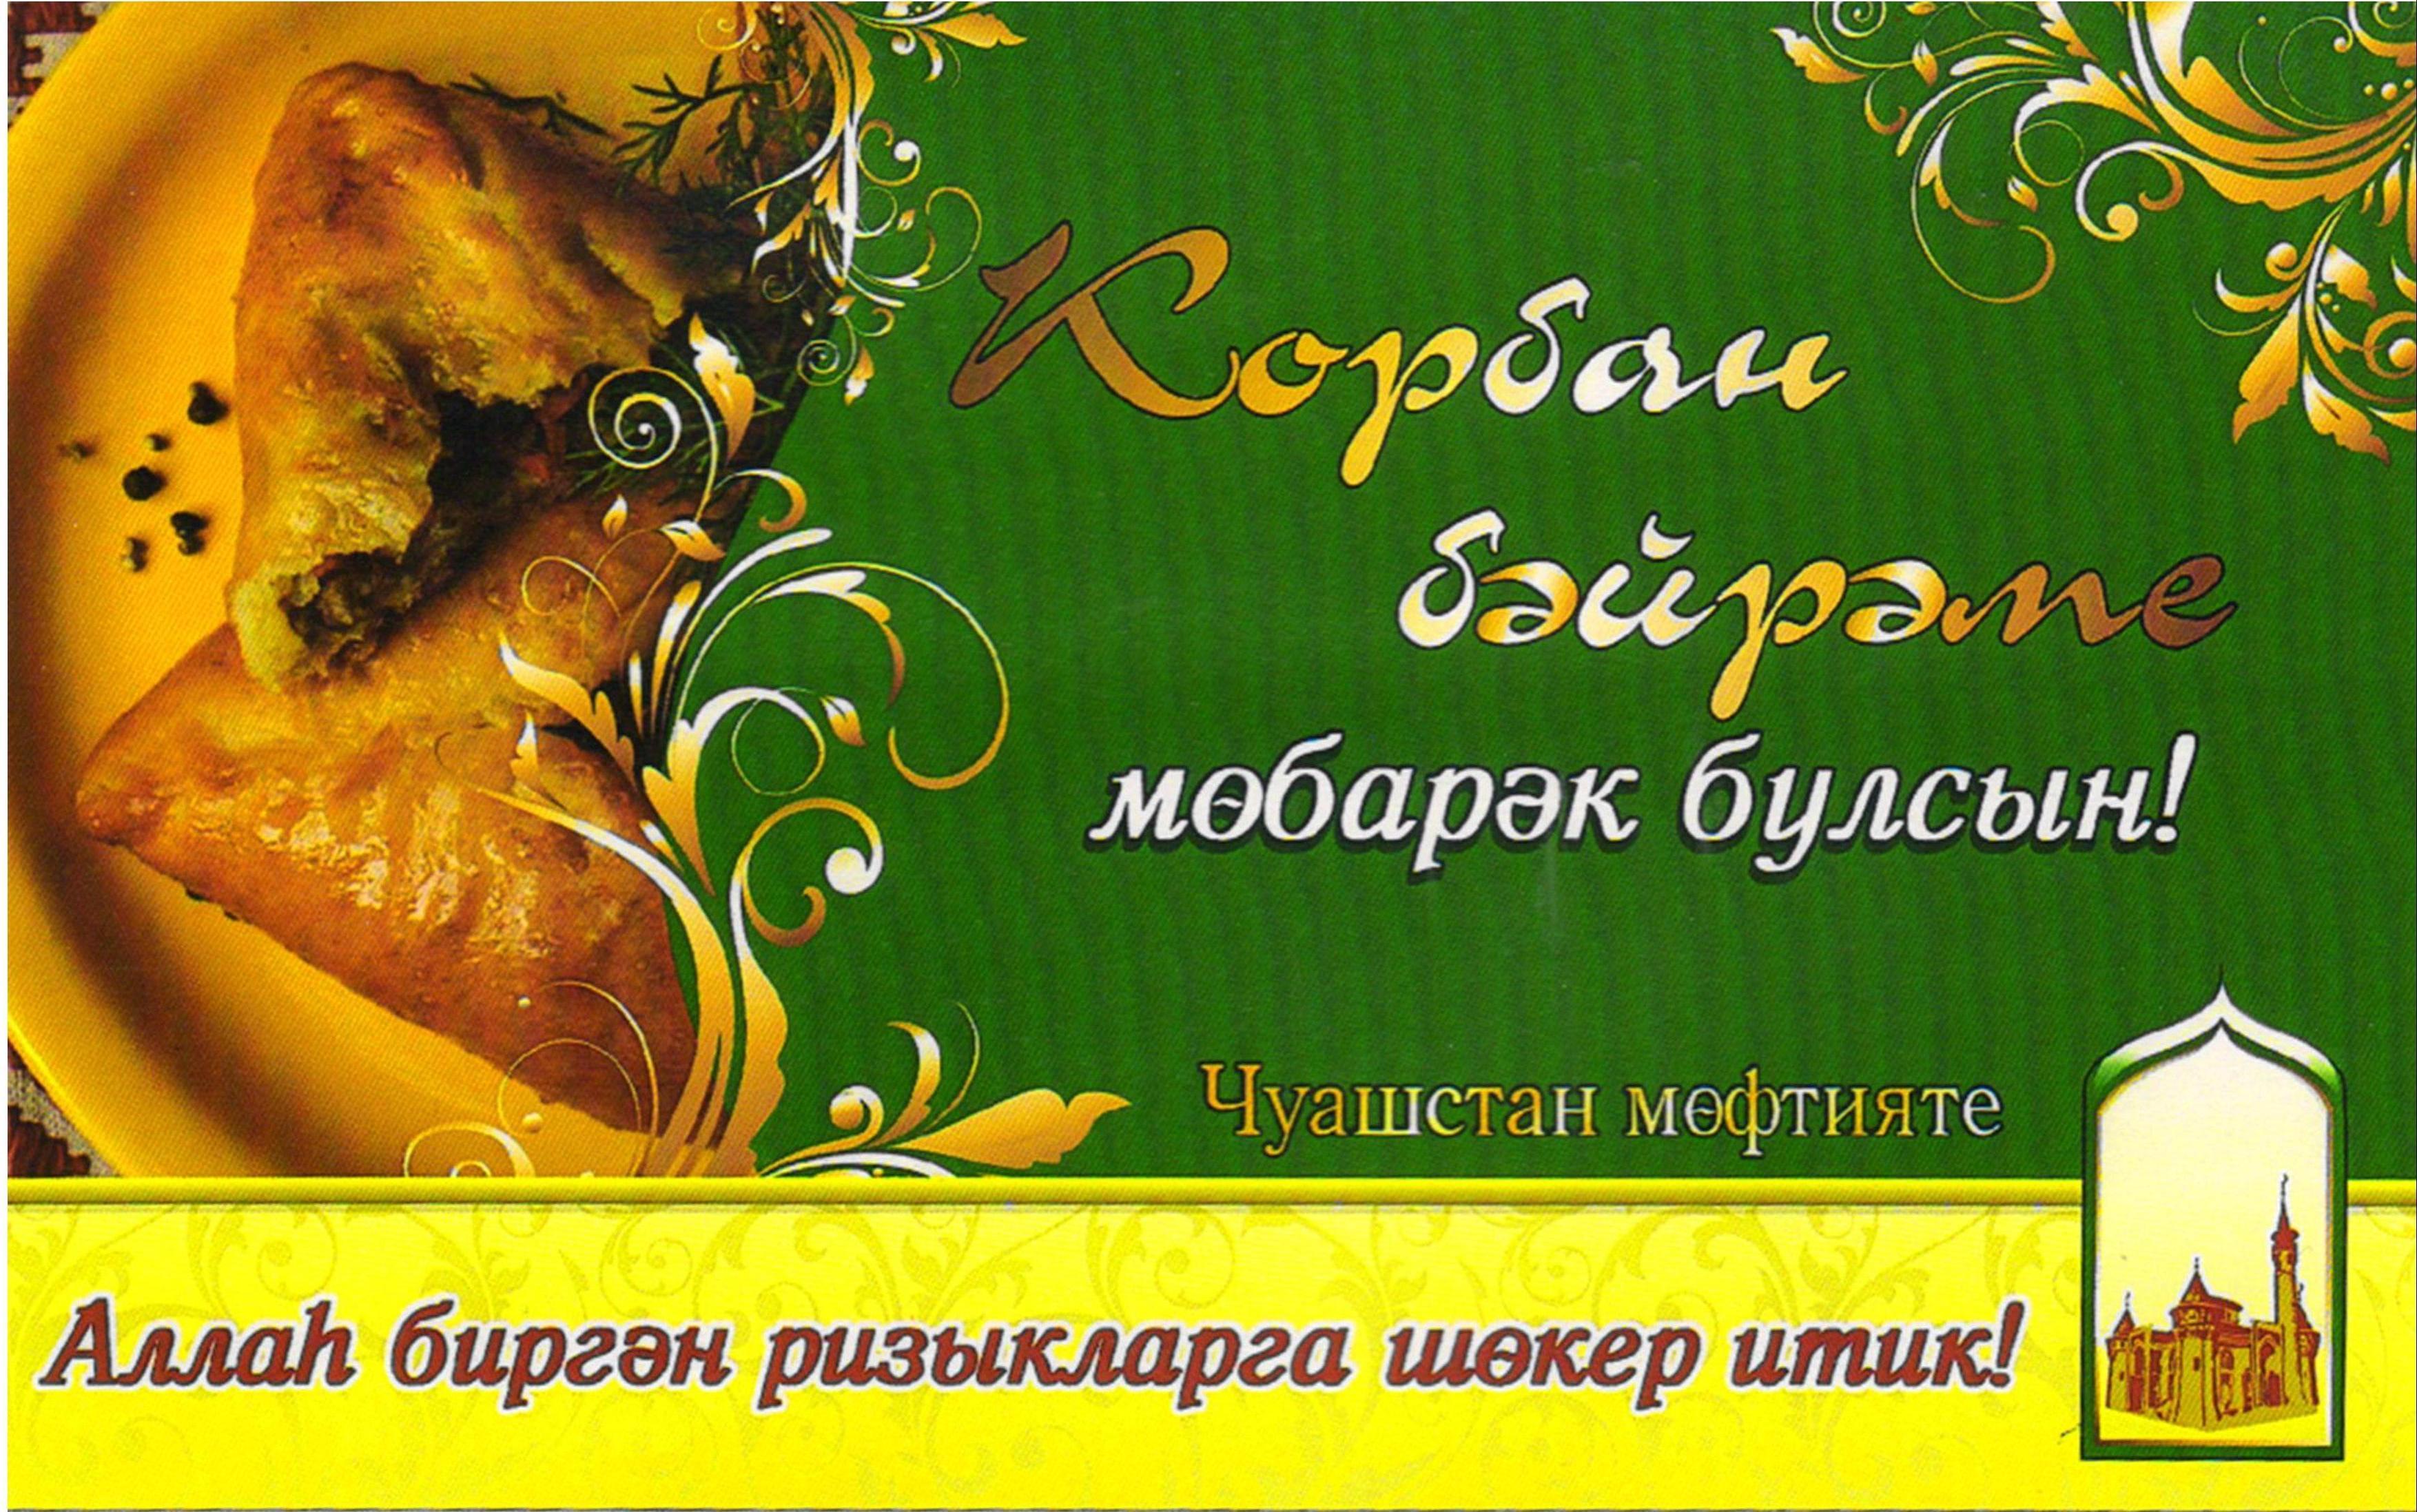 Поздравление на татарском языке с байрамом 42